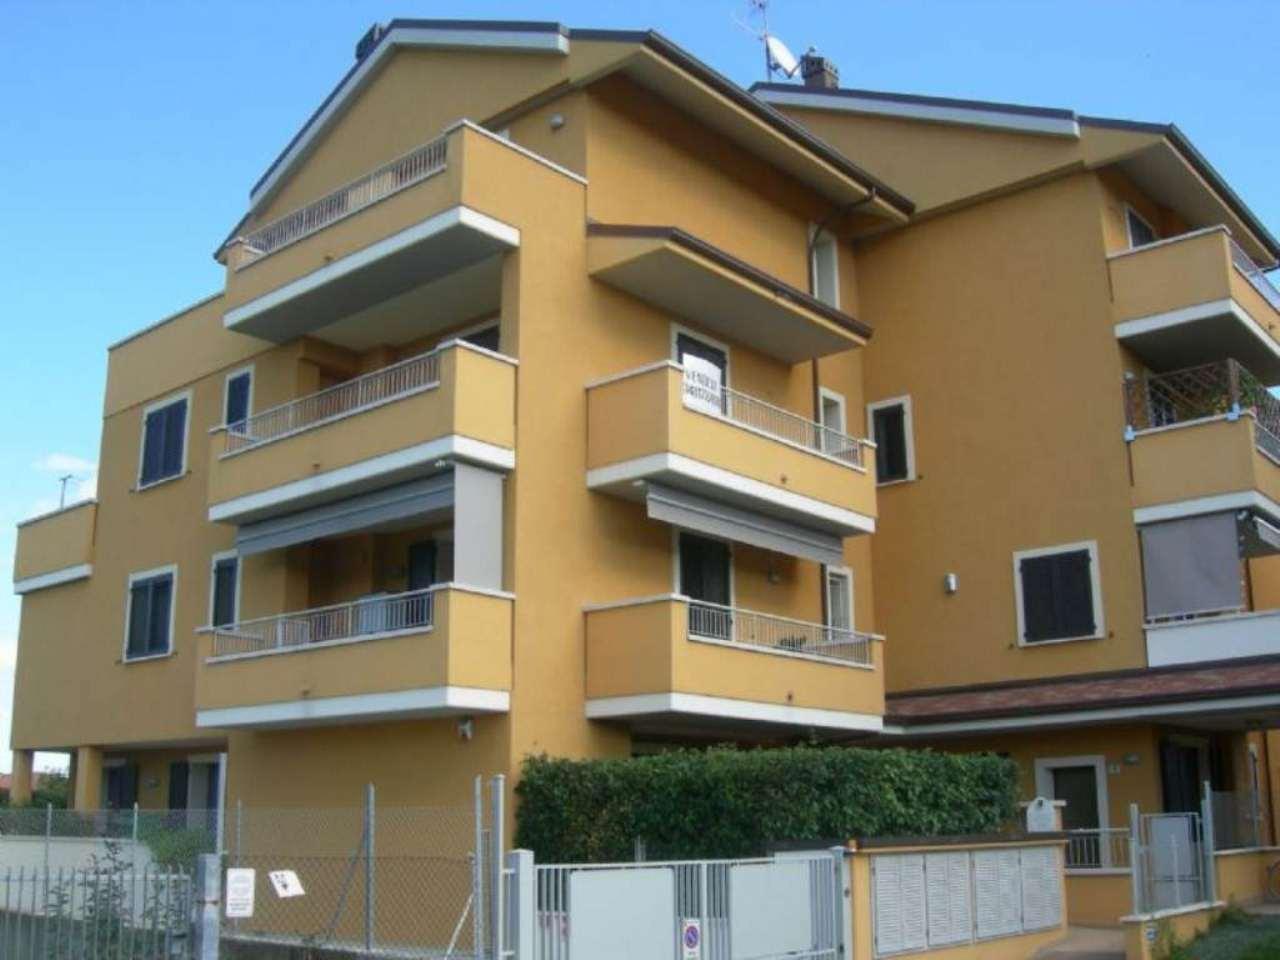 Bilocale Cesena Via Manlio Dazzi 6